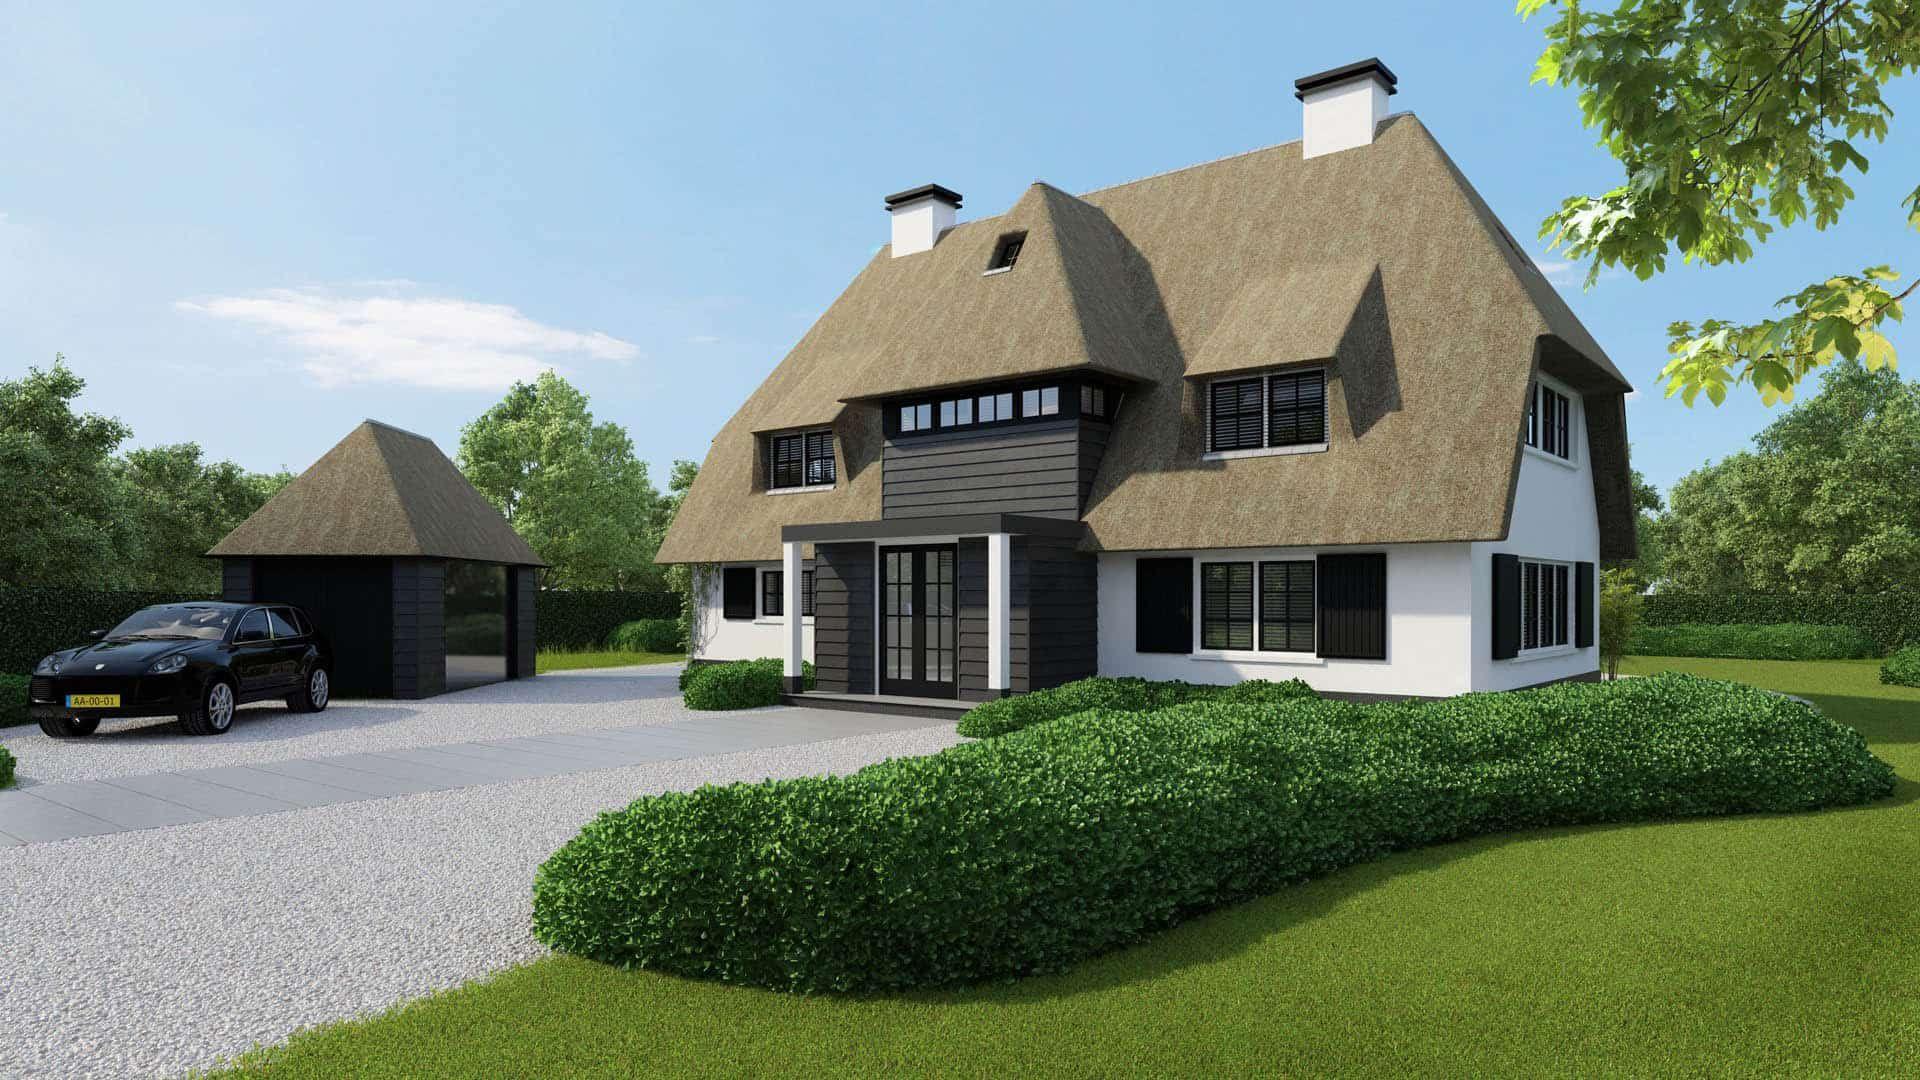 Nieuwbouwwoning ontworpen door de architecten en stylisten van kabaz